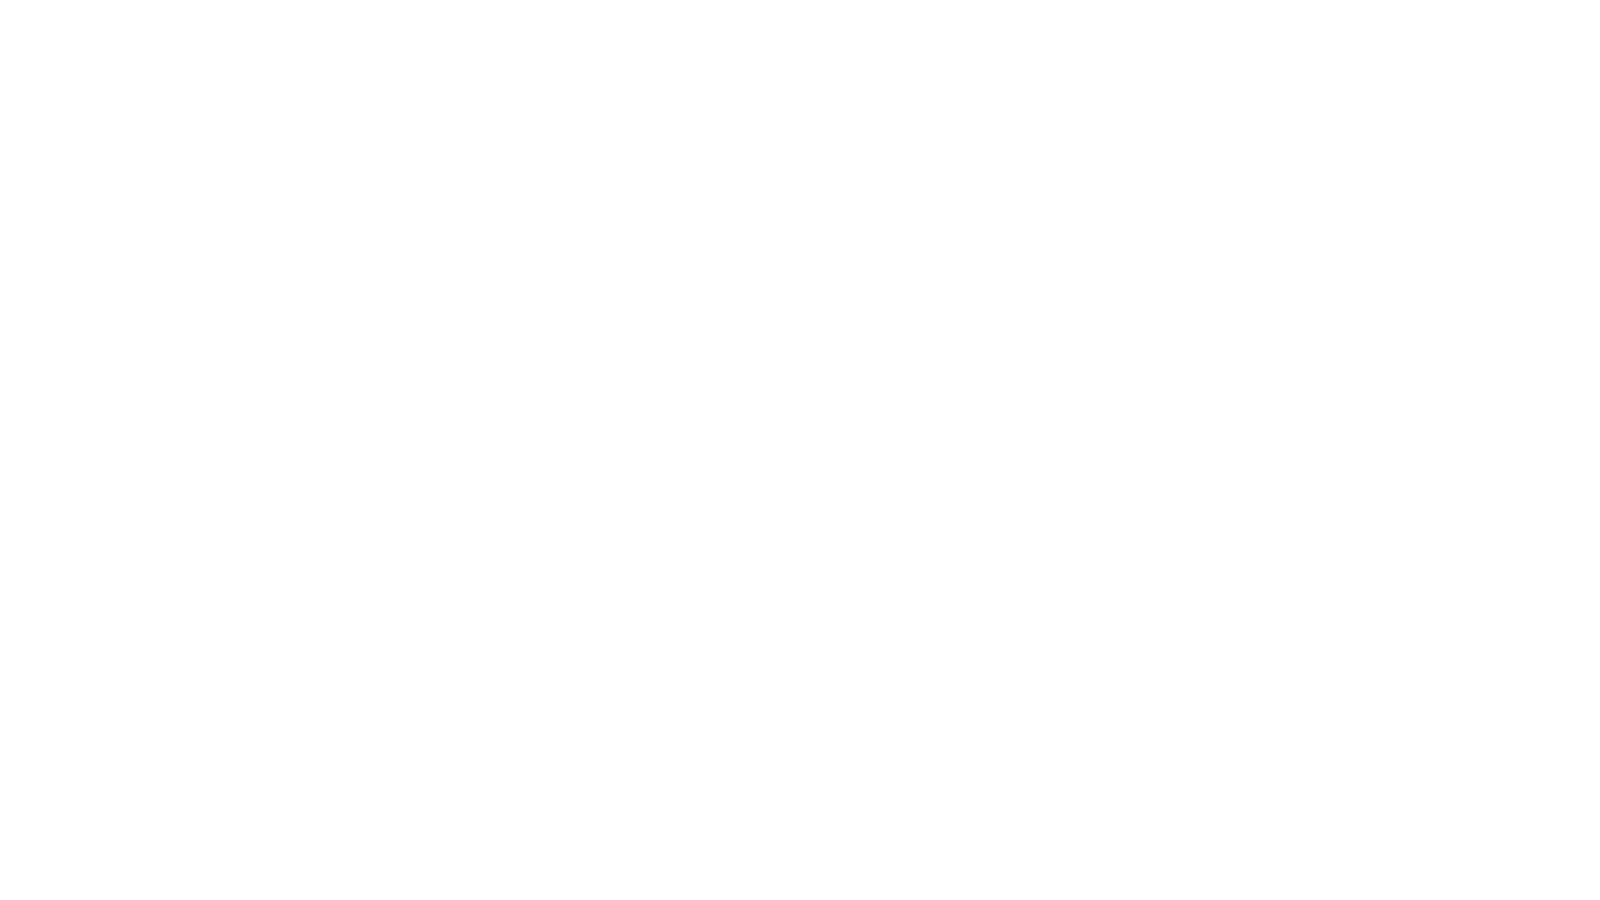 Fitting PVC oblique adalah produk fitting pipa PVC yang diperuntukkan untuk membuat saluran tambahan dari pipa air yang sudah ada sebelumnya. Informasi lebih lanjut kunjungi website https://denya.co.id/  #denya #pipapvc #pvc #pipaair #pipahdpe #pipalimbah #pipapvclimbah #pipamedan #pipaairlimbah #pipadenya #pipasni #fittingpipa #fittingpipapvc